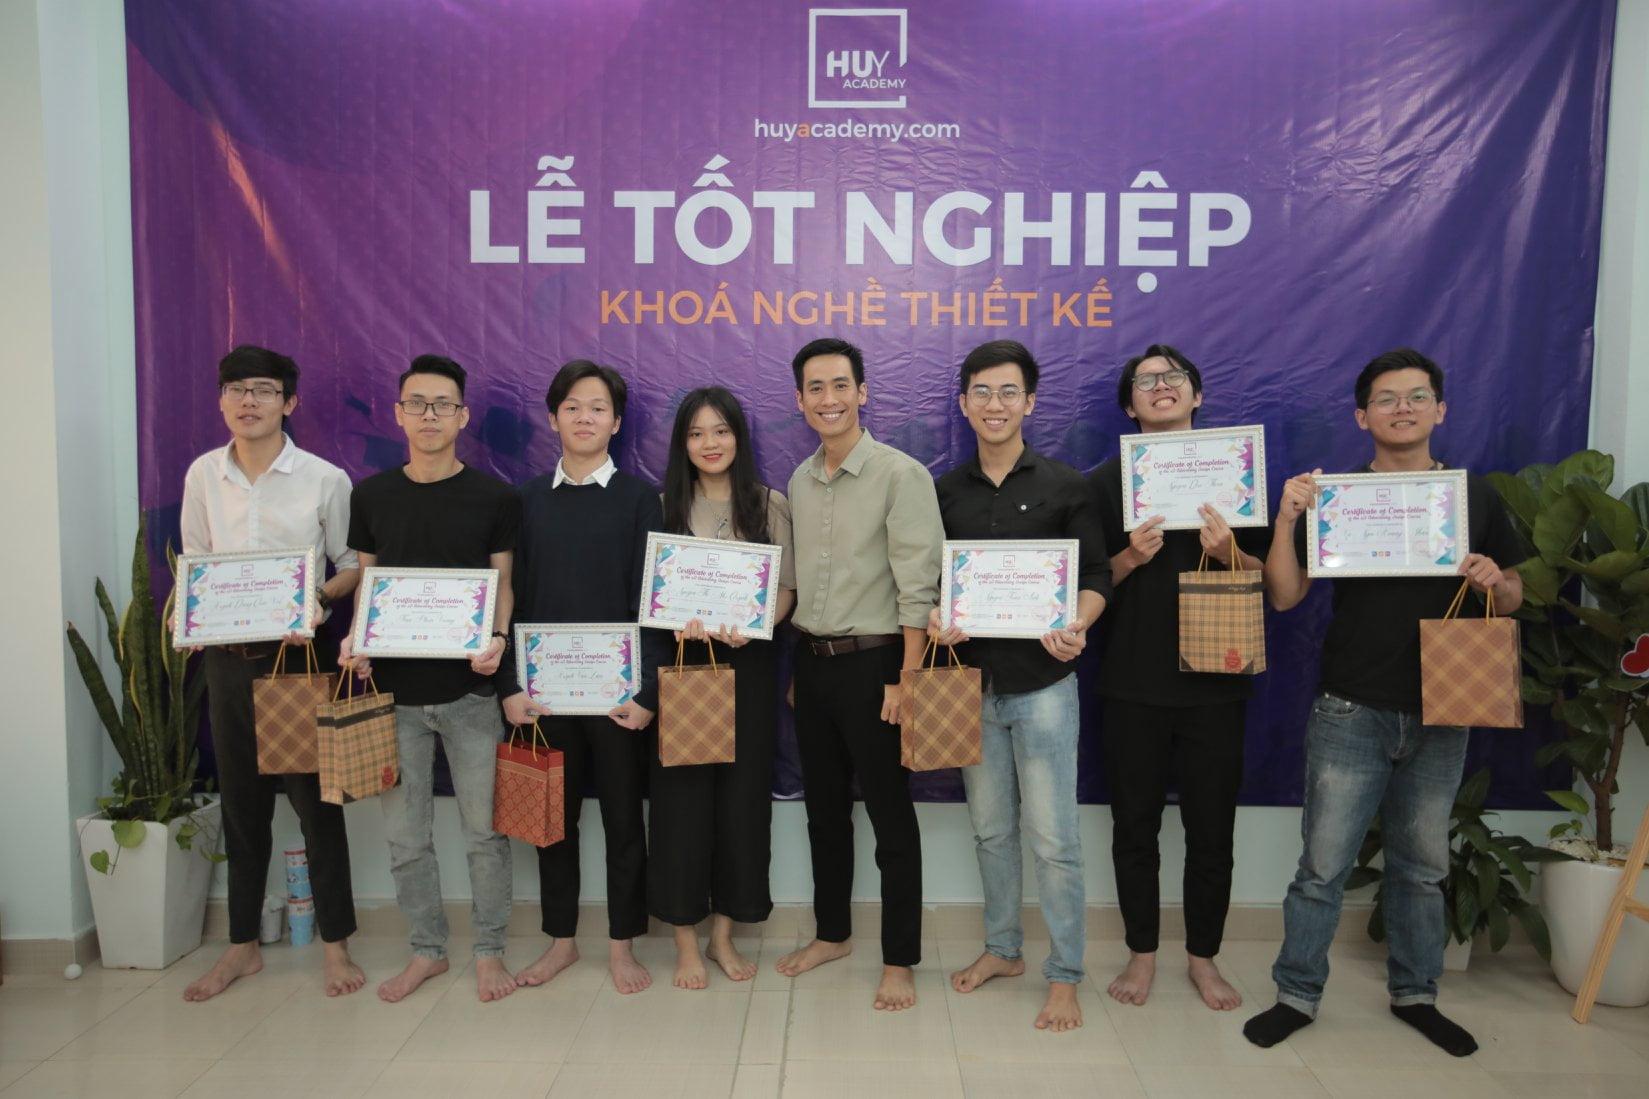 Lễ tốt nghiệp khóa nghề thiết kế đà nẵng 1-2021 (3)